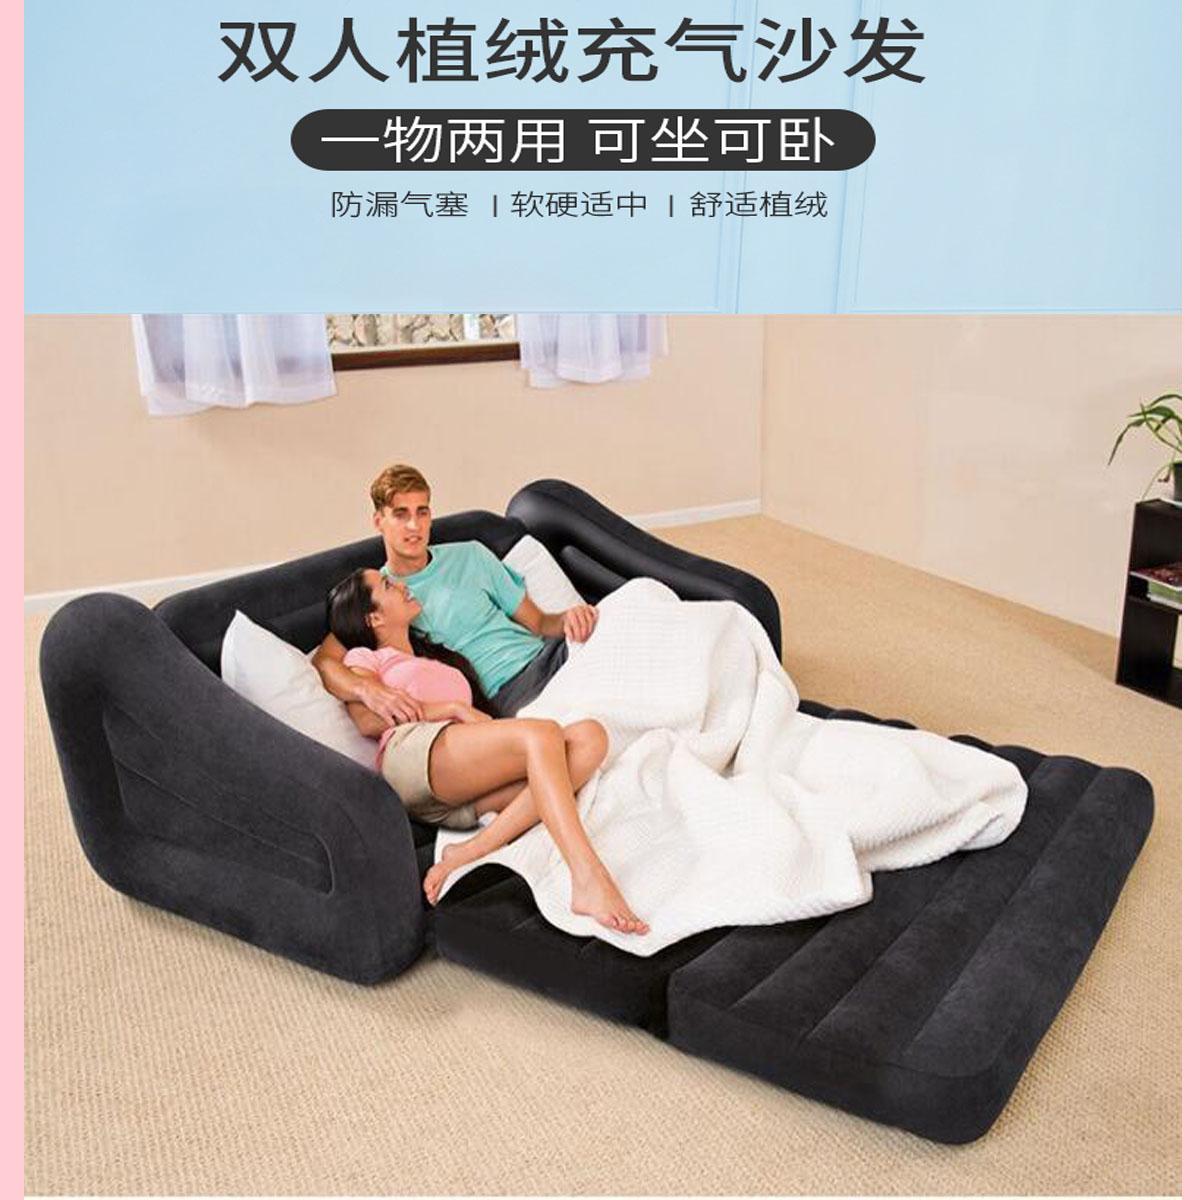 特价加厚成人折叠五合一懒人休闲式单人沙滩躺椅双人充气沙发床垫